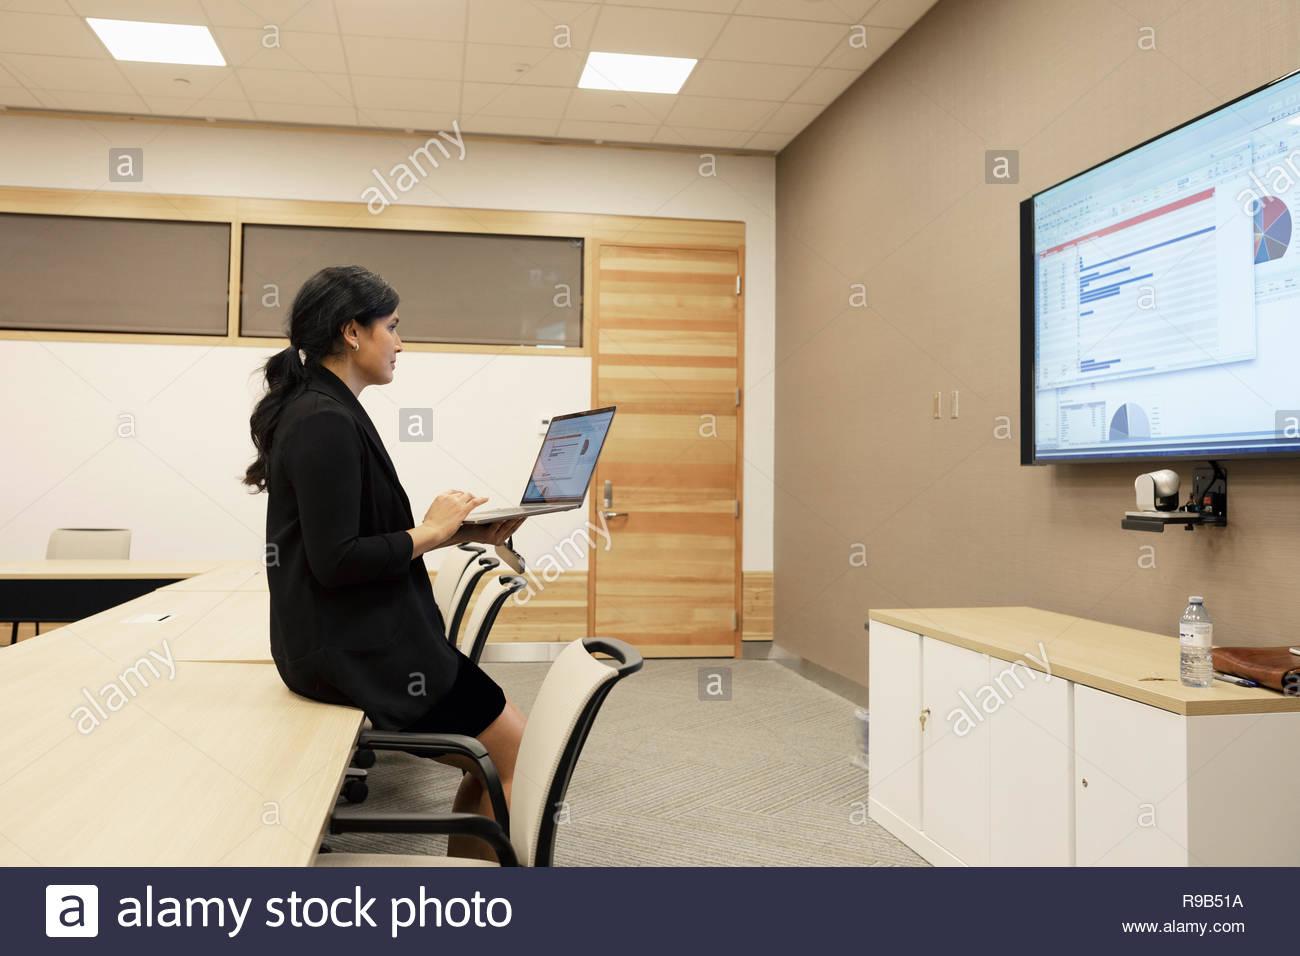 Businesswoman préparation présentation audiovisuelle dans la salle de conférence Photo Stock